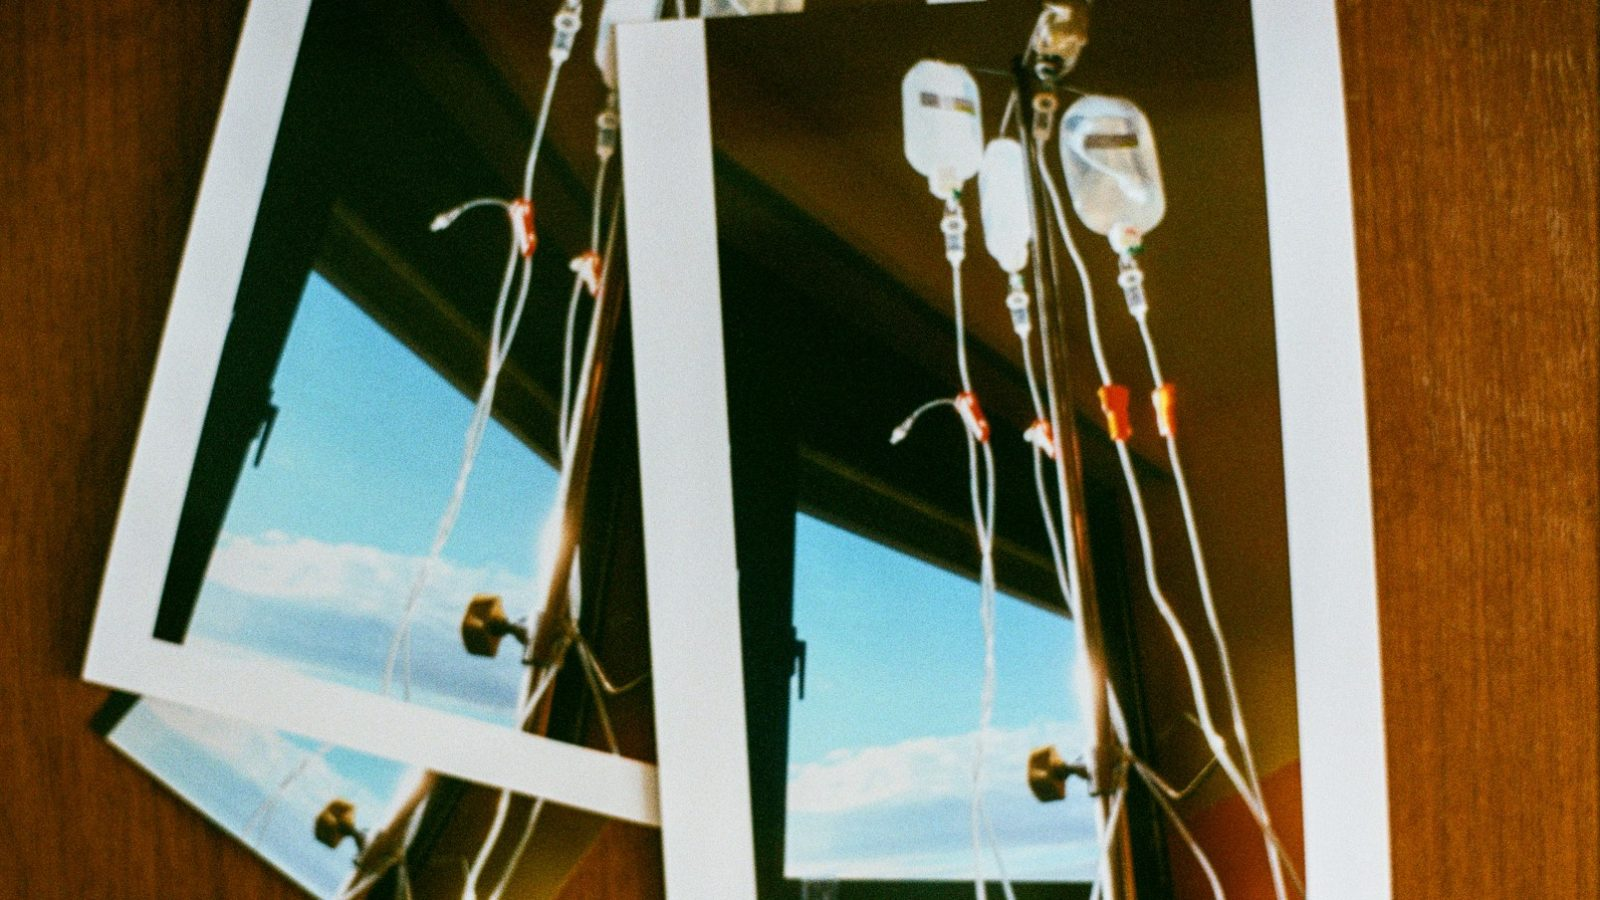 Bild zeigt einen Infusionsständer mit Chemotherapieflaschen. Durch ein Fenster scheint die Sonne herein und spiegelt sich in den Schläuchen